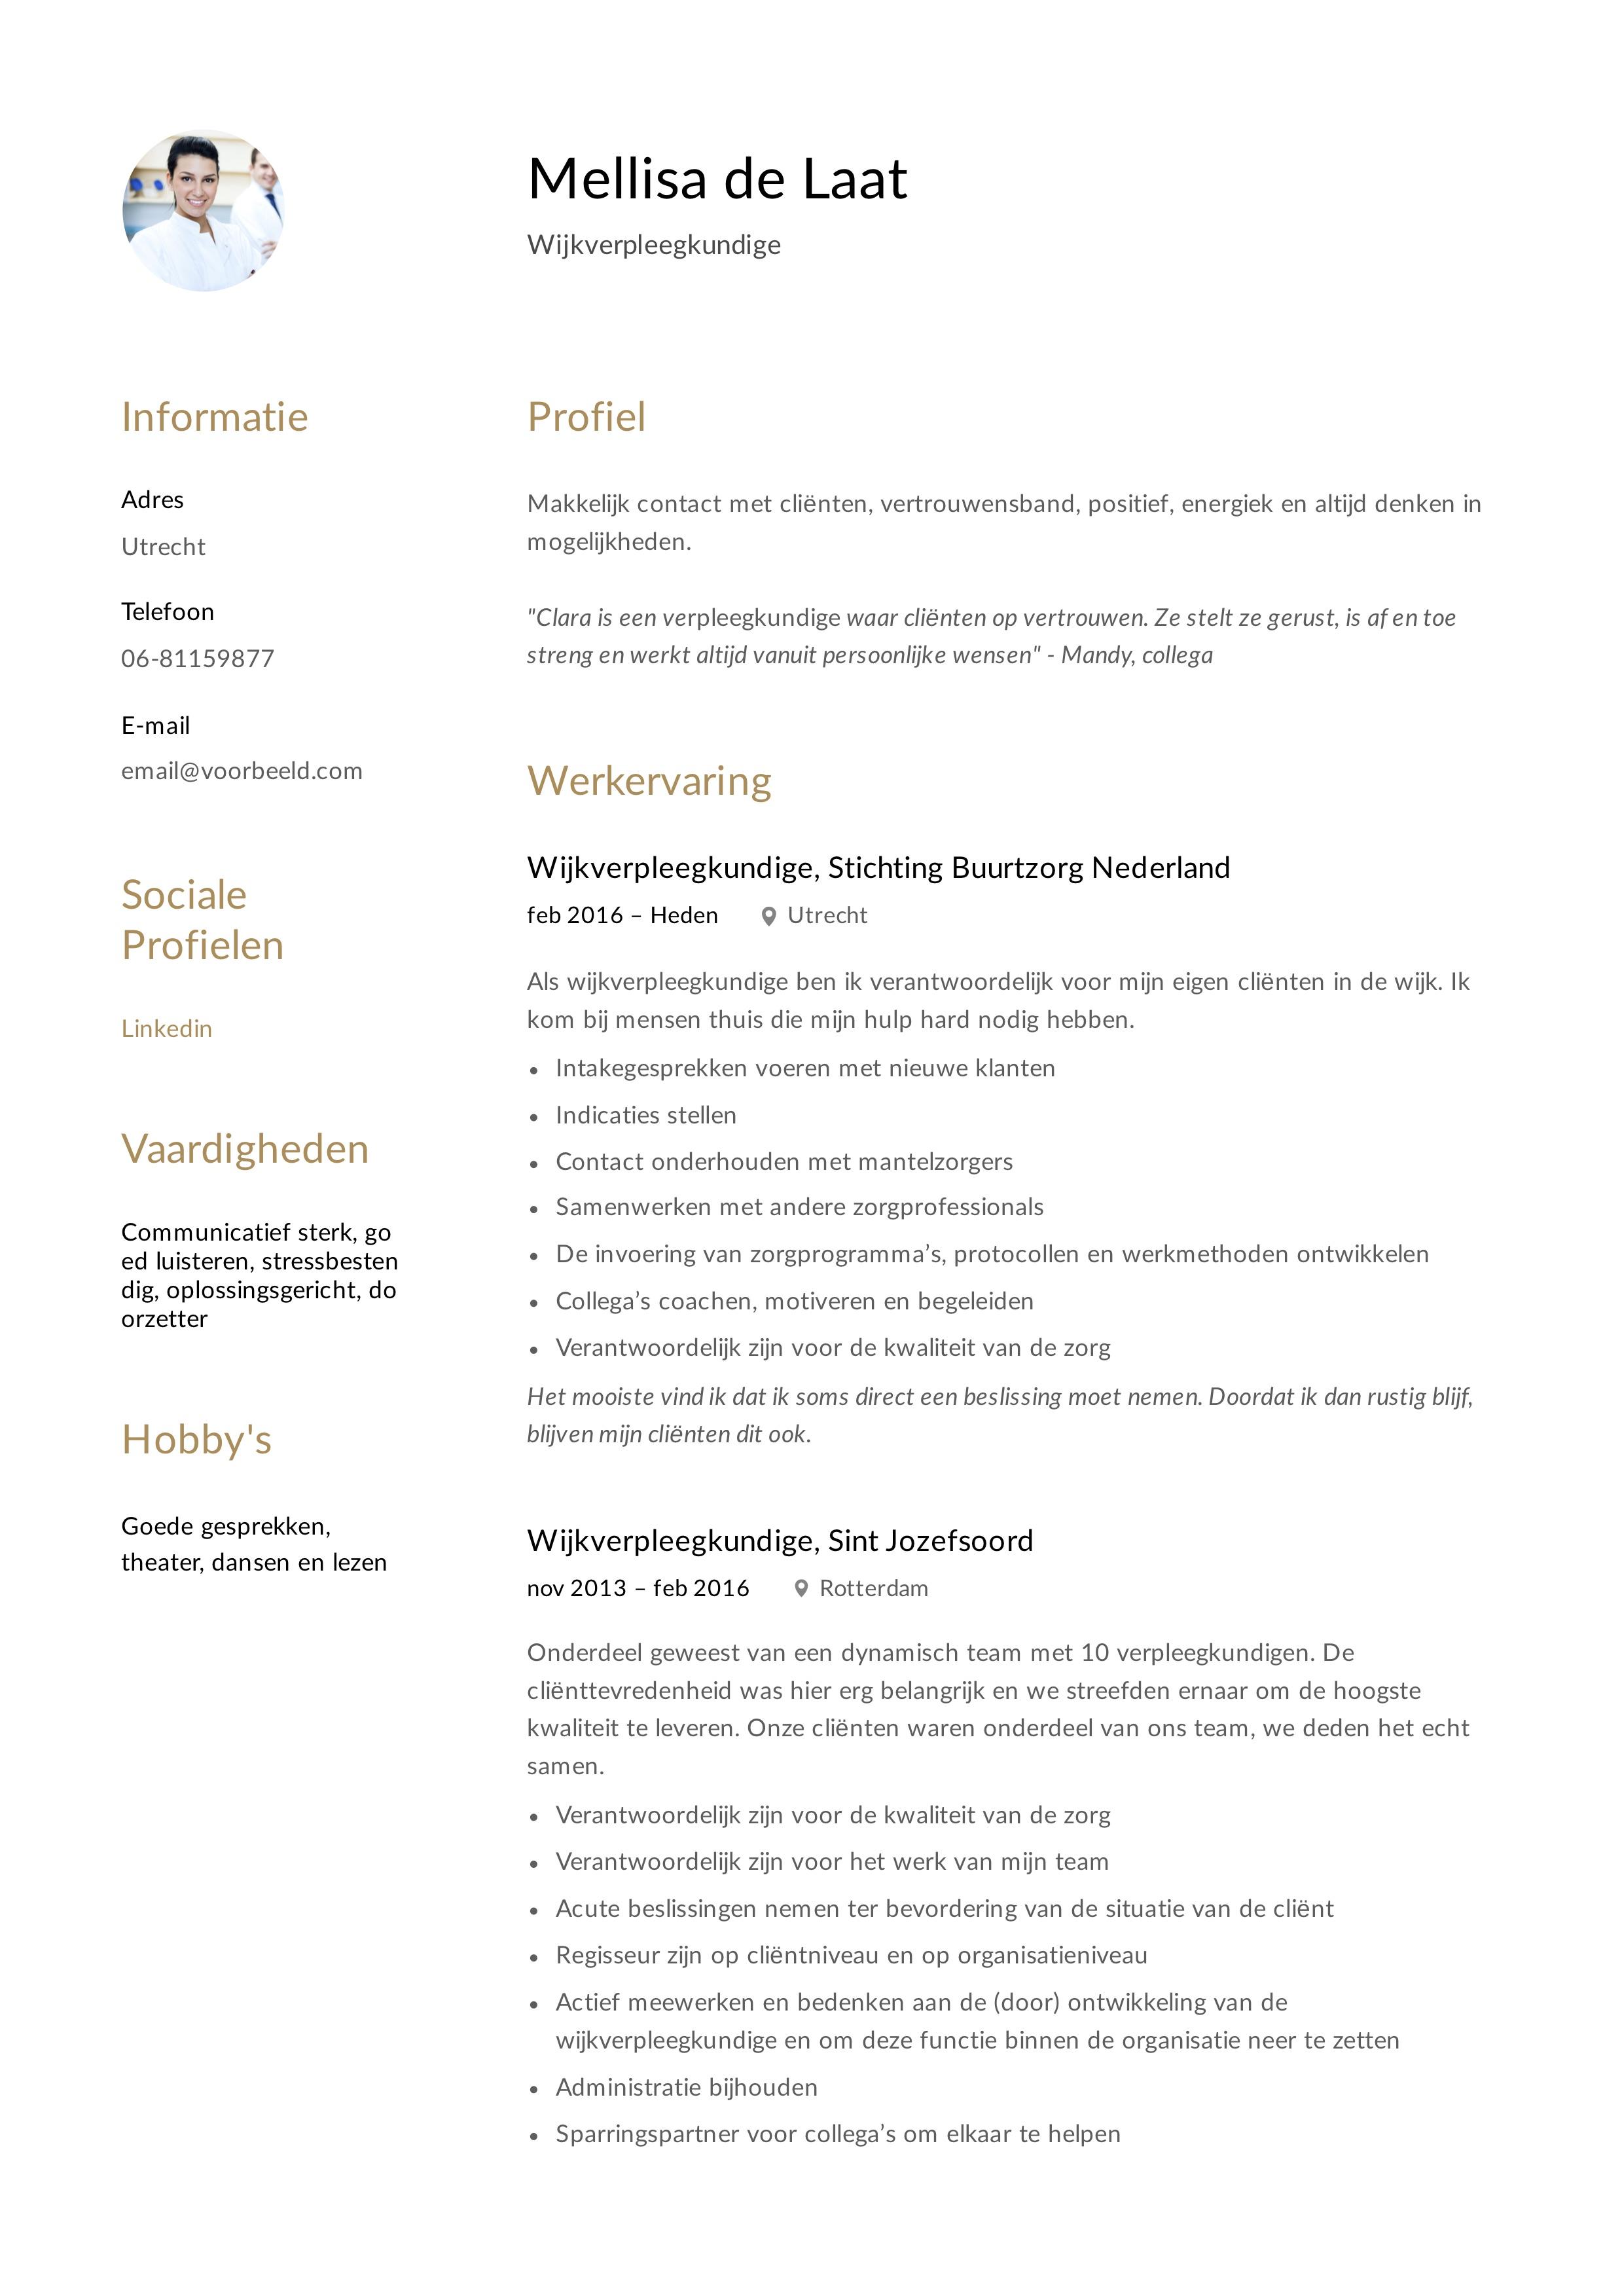 Mellisa_de_Laat_-_CV_-_Wijkverpleegkundige (8)